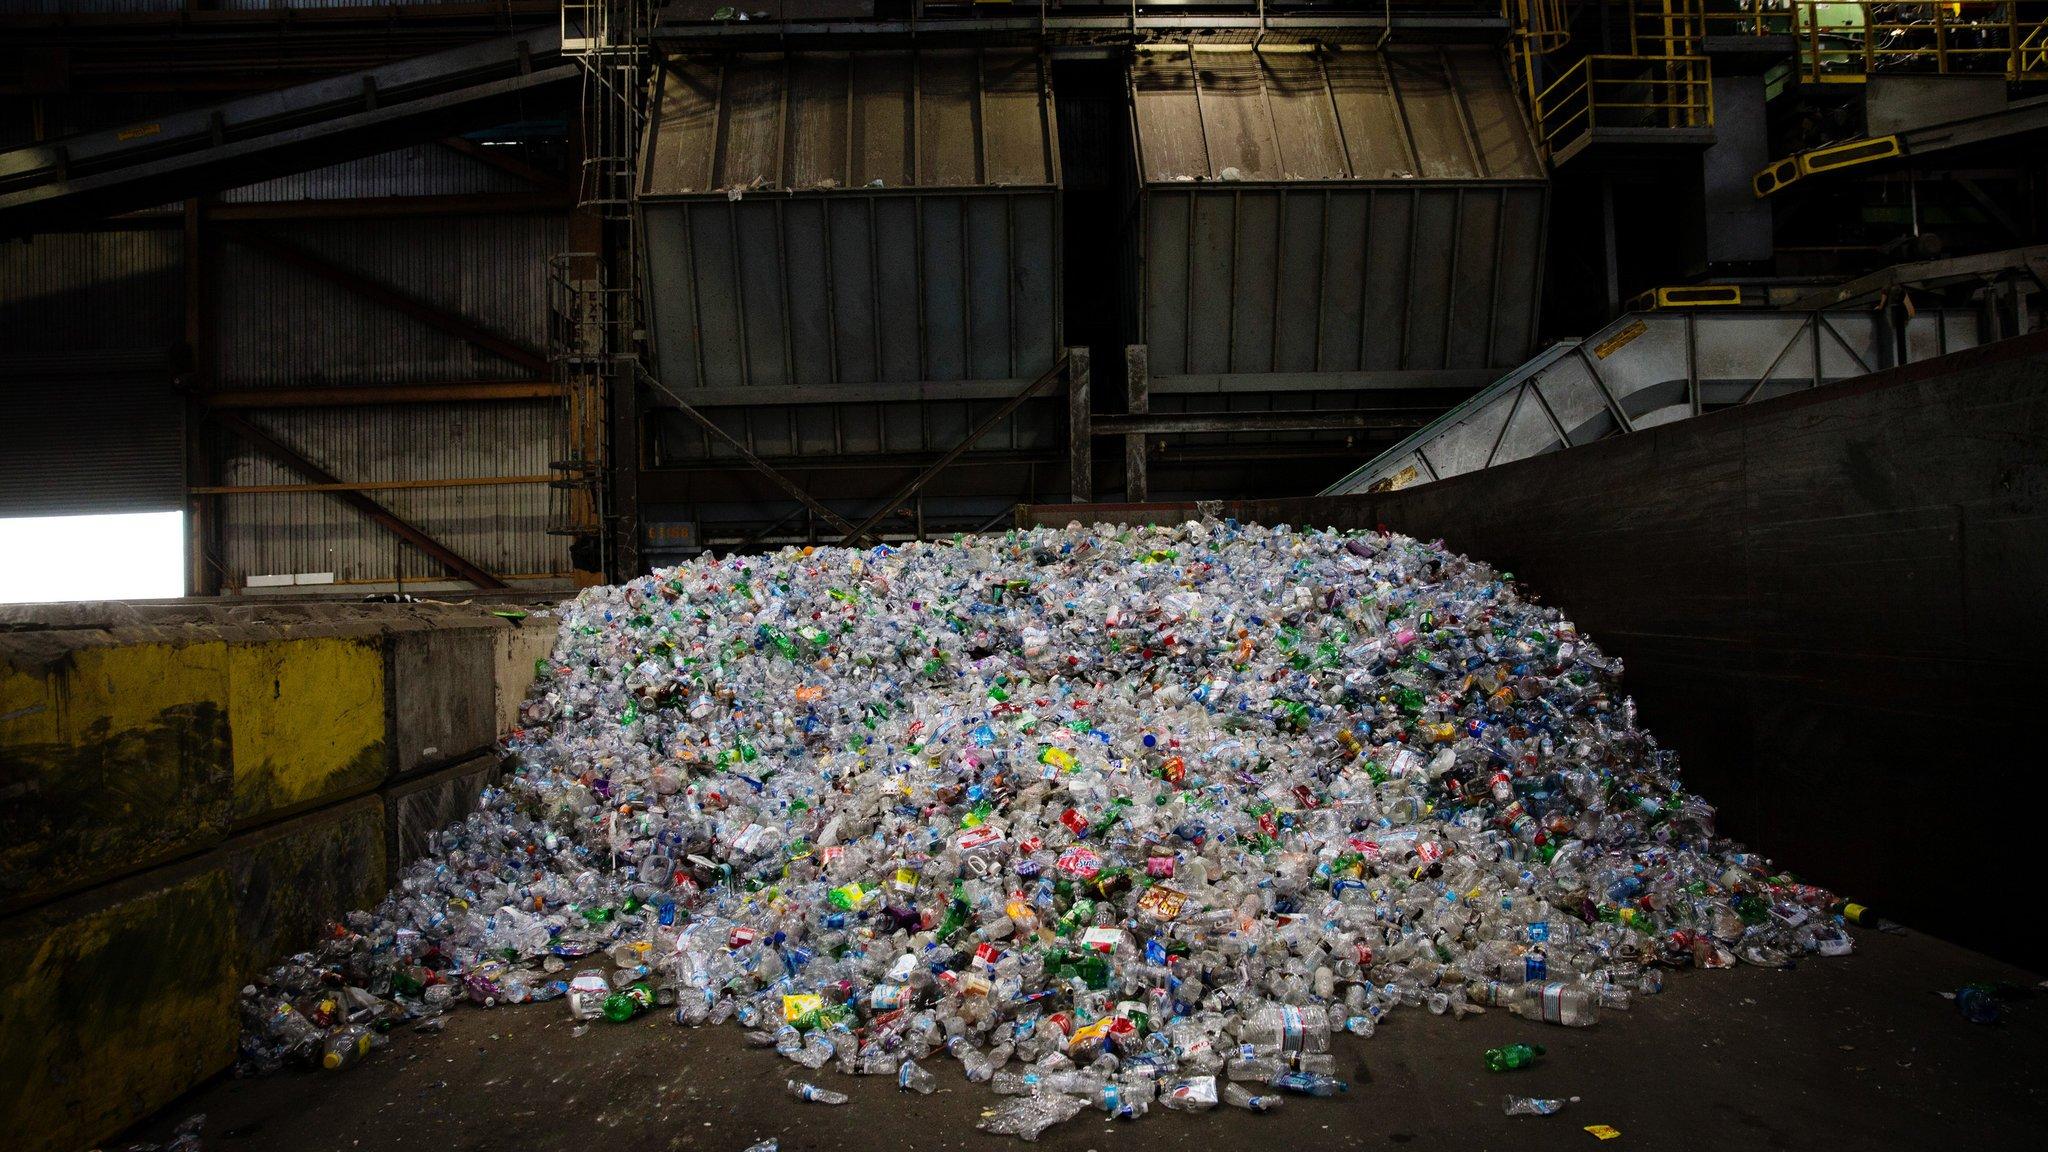 ثلاثة معوقات تواجه صناعة إعادة التدوير!!